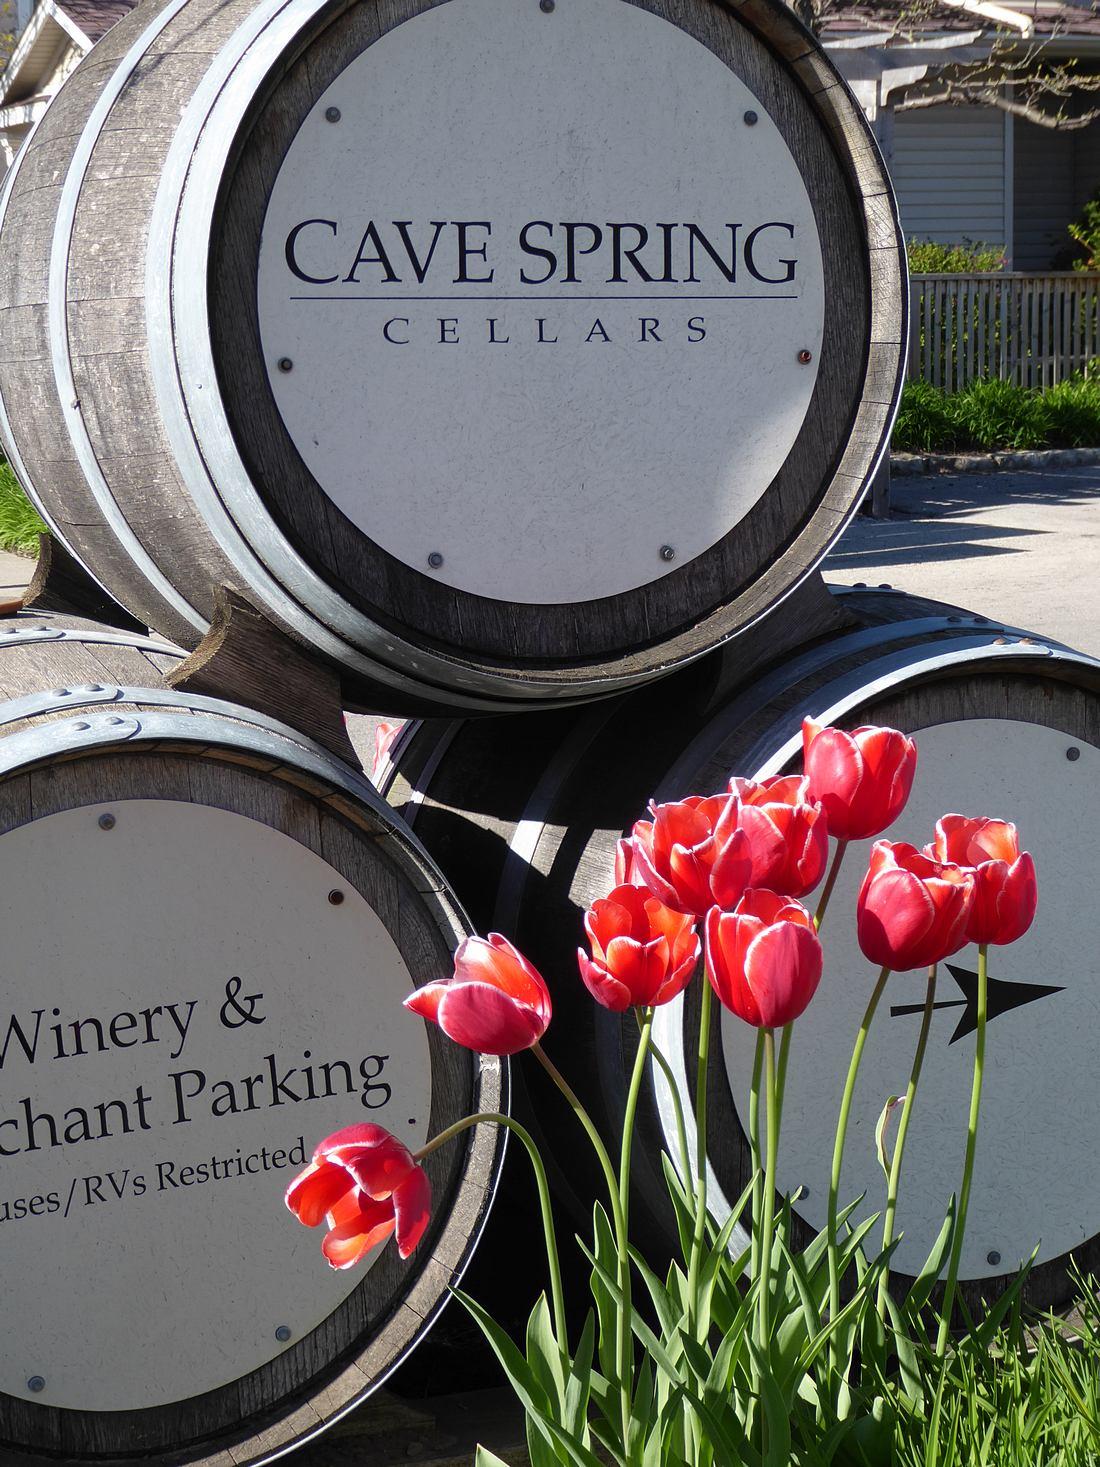 Cave Spring Cellars barrels